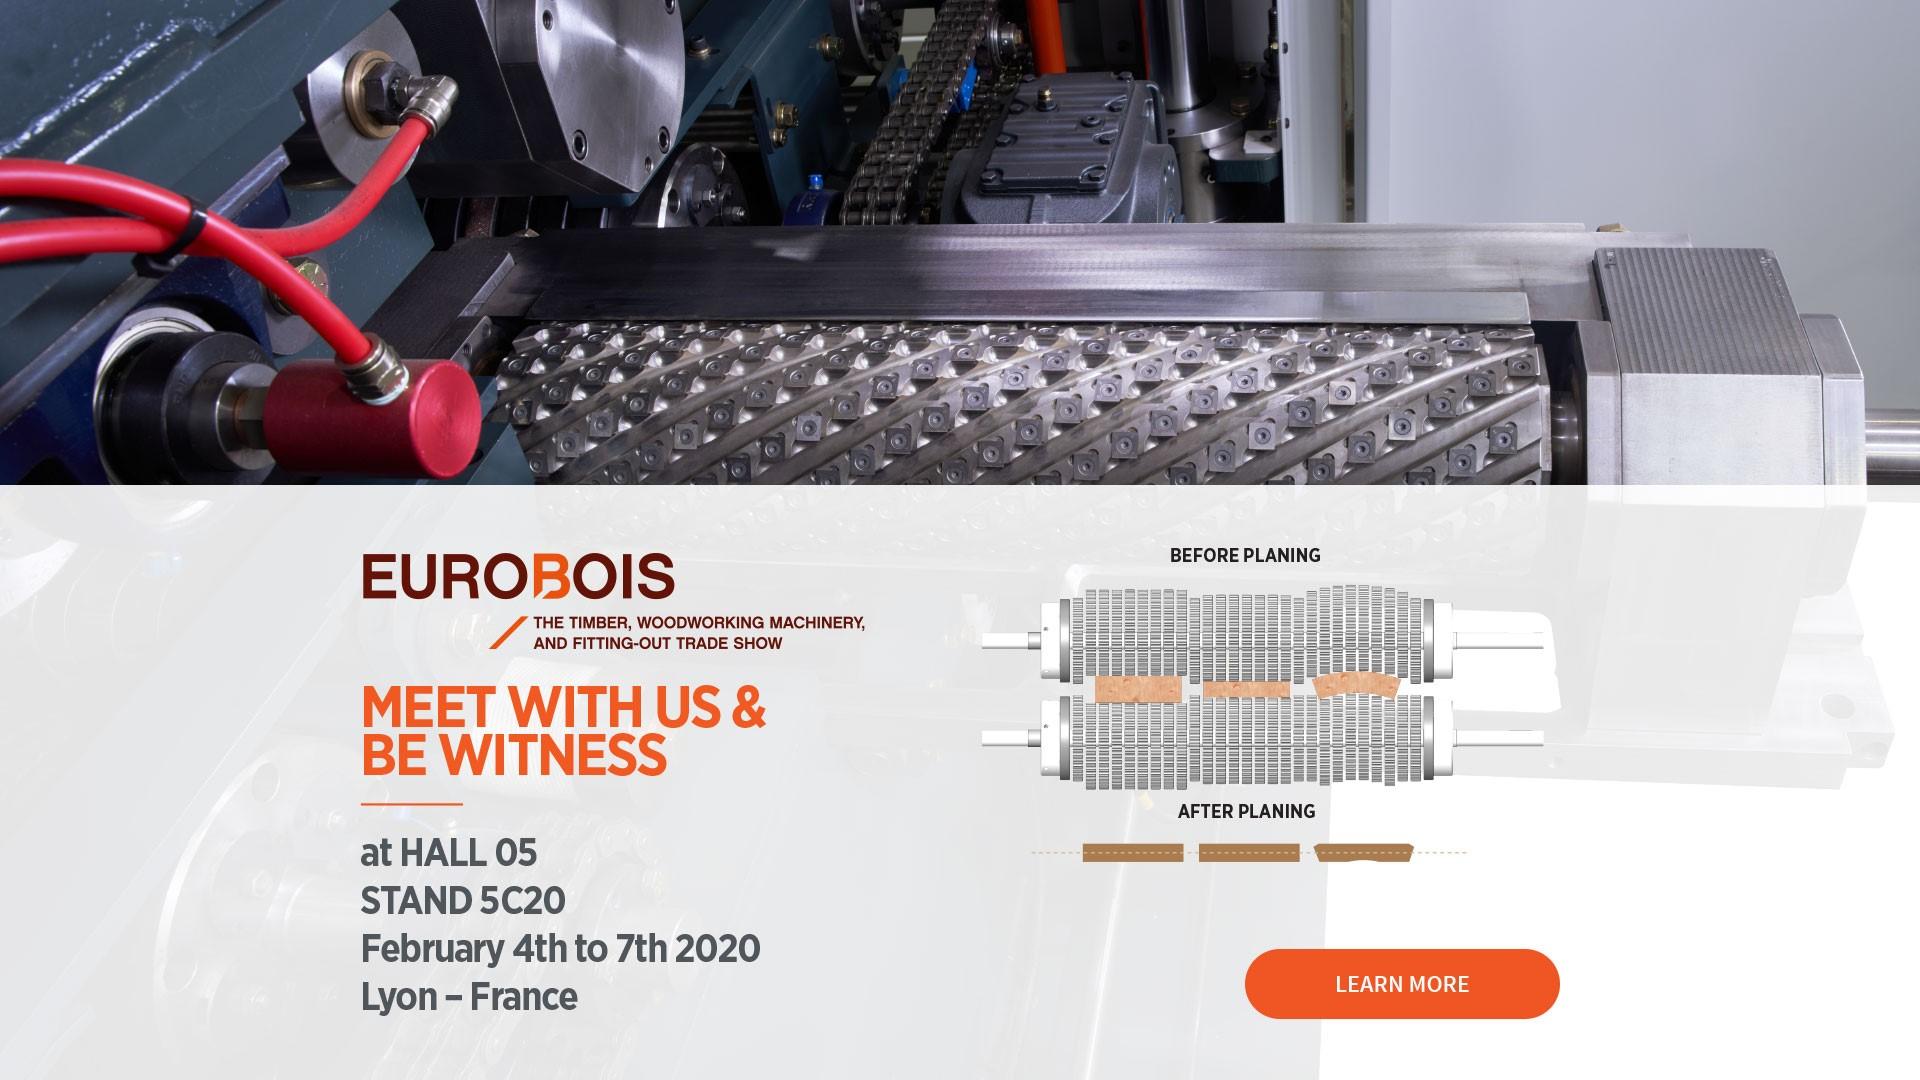 tradeshow_eurobois